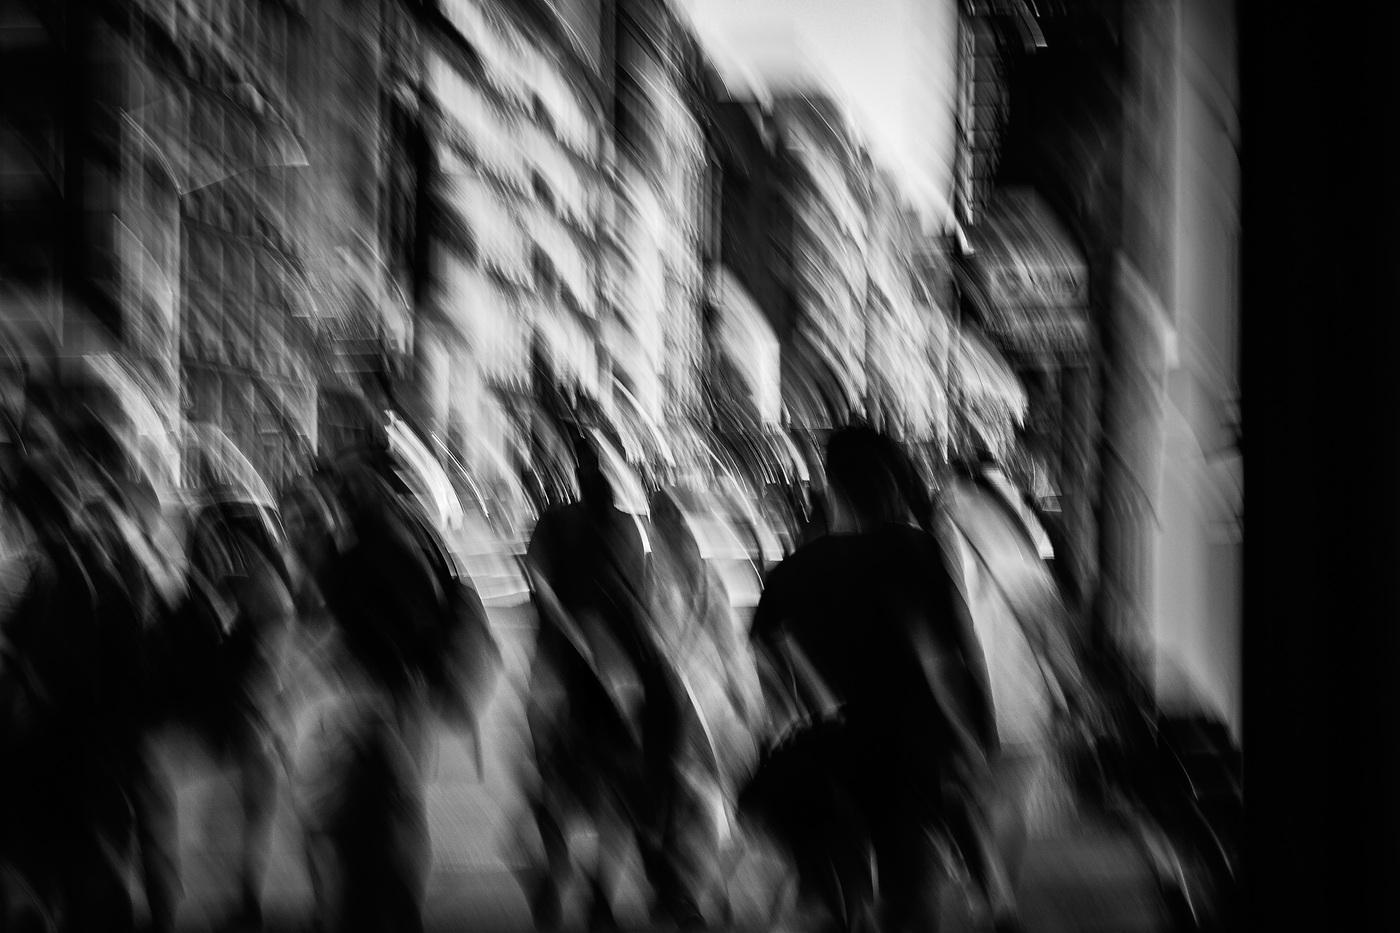 Brett Howard Nelson - New York City